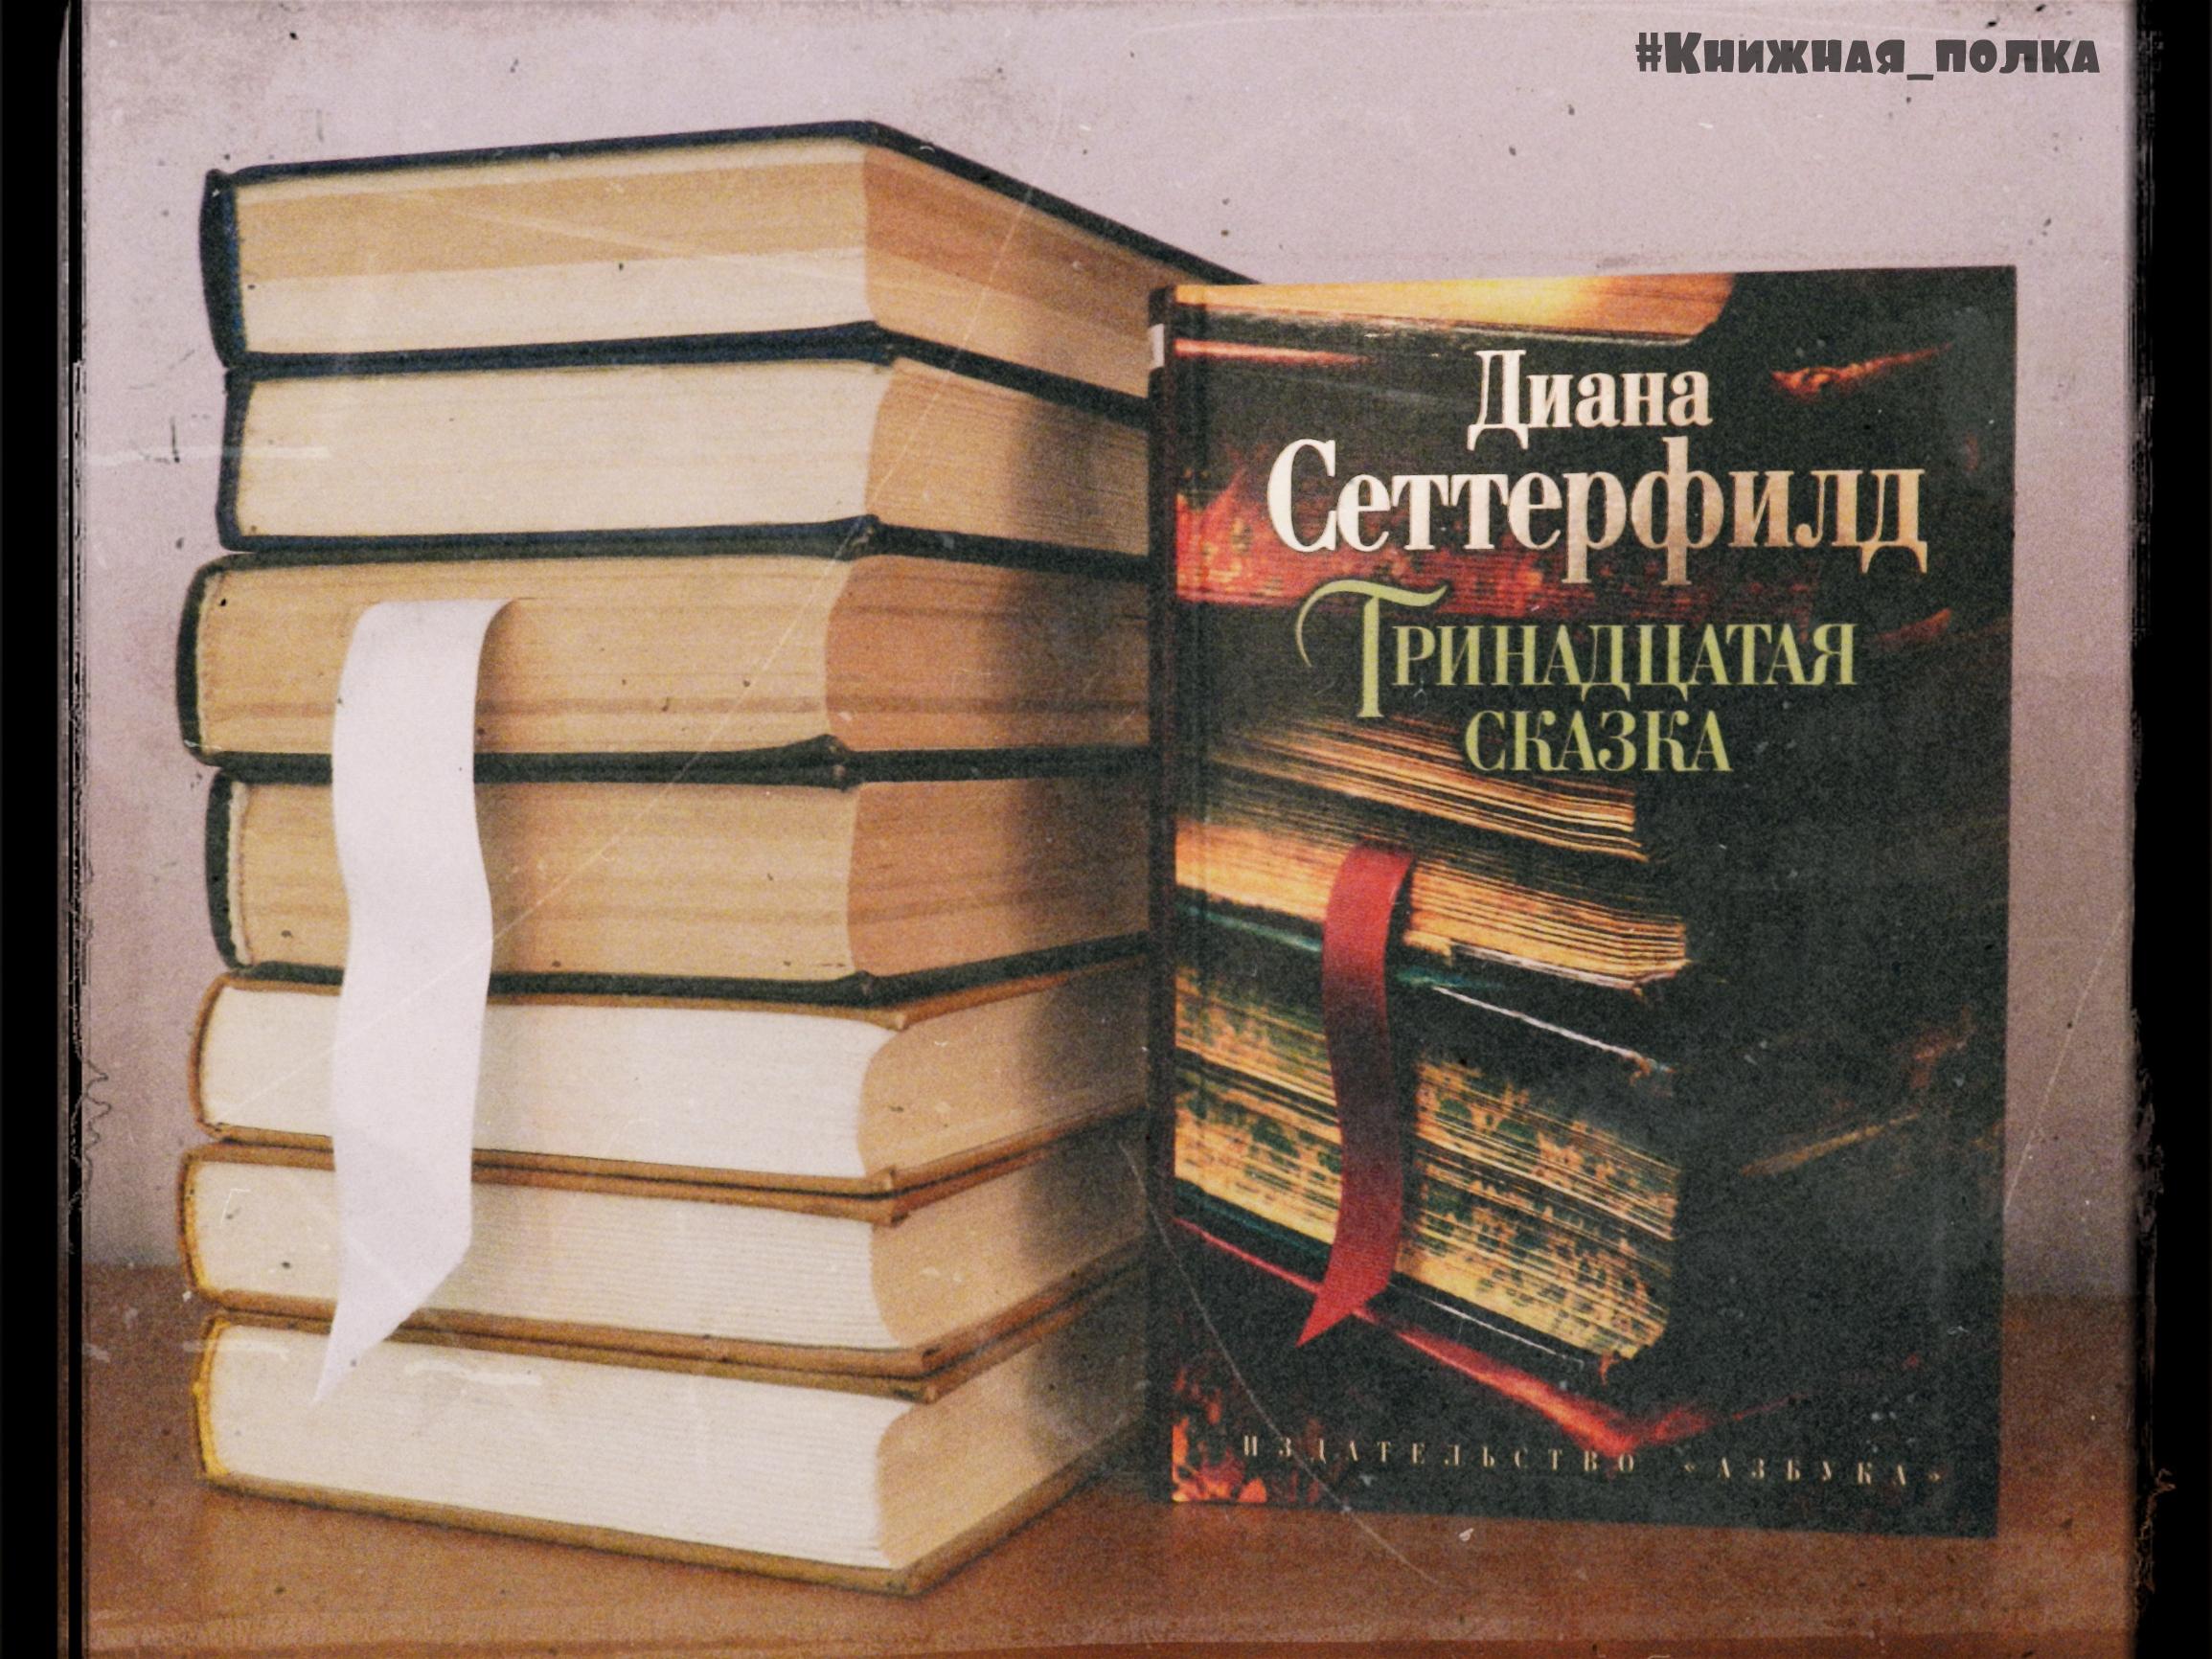 тринадцатая сказка книга где купить